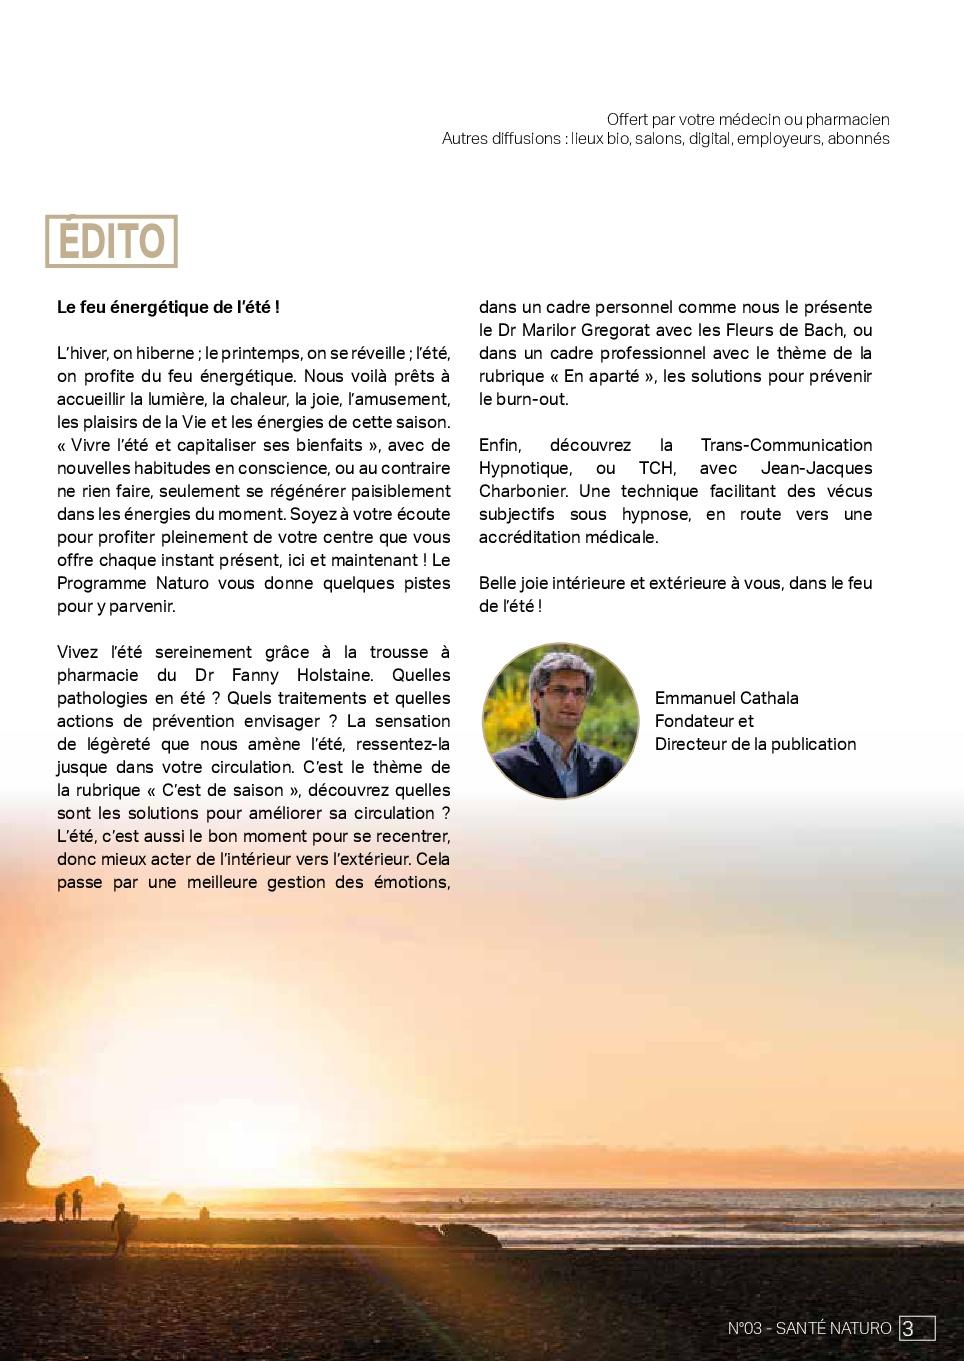 SANTE-NATURO-03_pages-003-edito